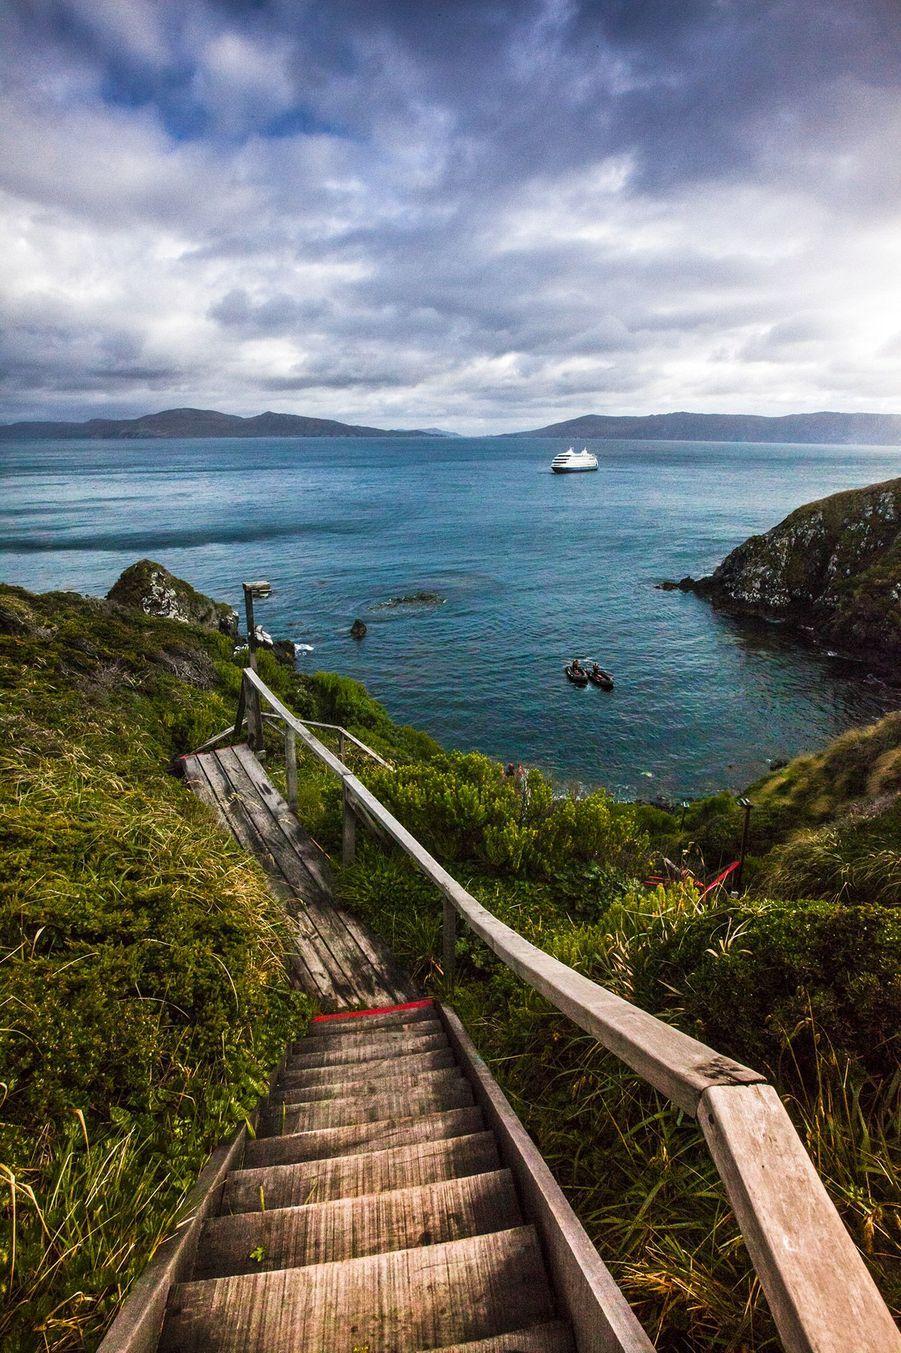 Prenez l'escalier qui mène aux coordonnées du bout du Bout du Monde : 55° 58′ 48″ S, 67° 17′ 21″O.Au loin l'Australis veille.